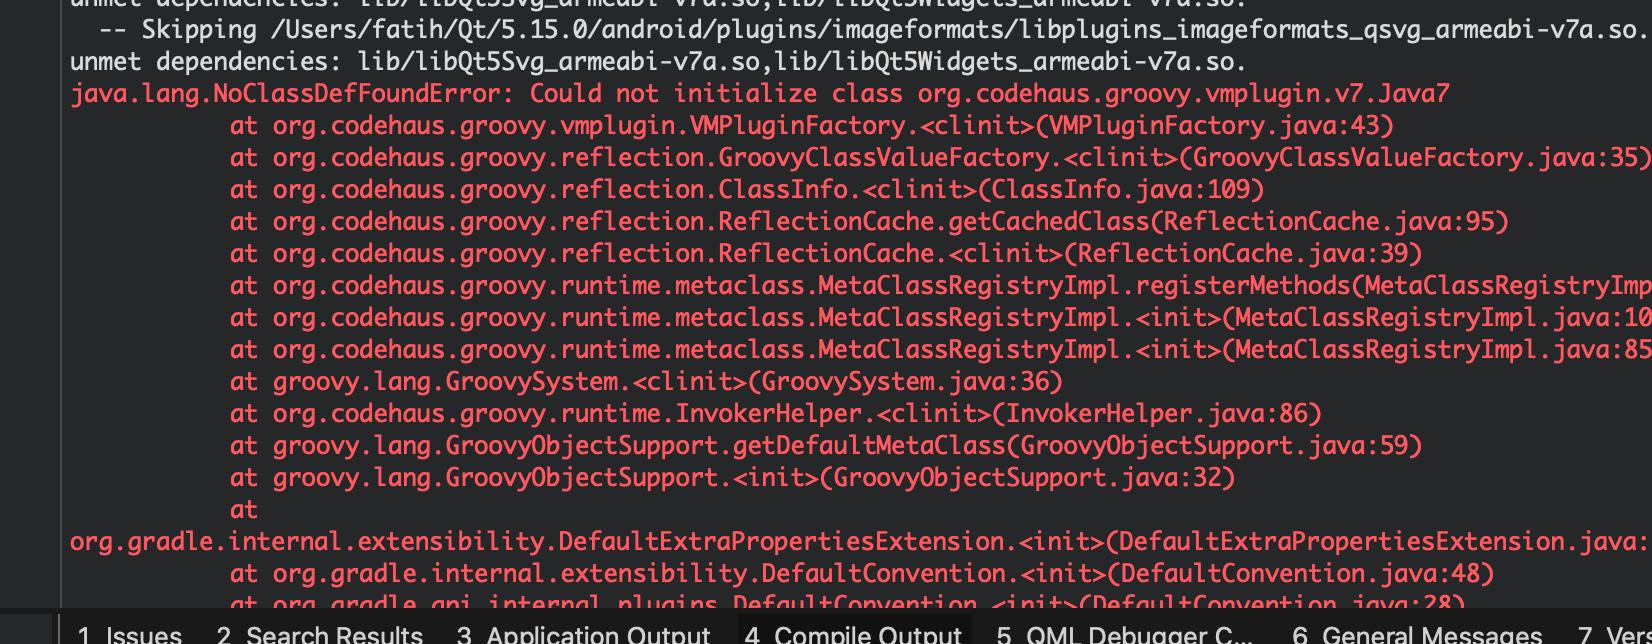 Screenshot 2020-07-07 at 20.01.16.png